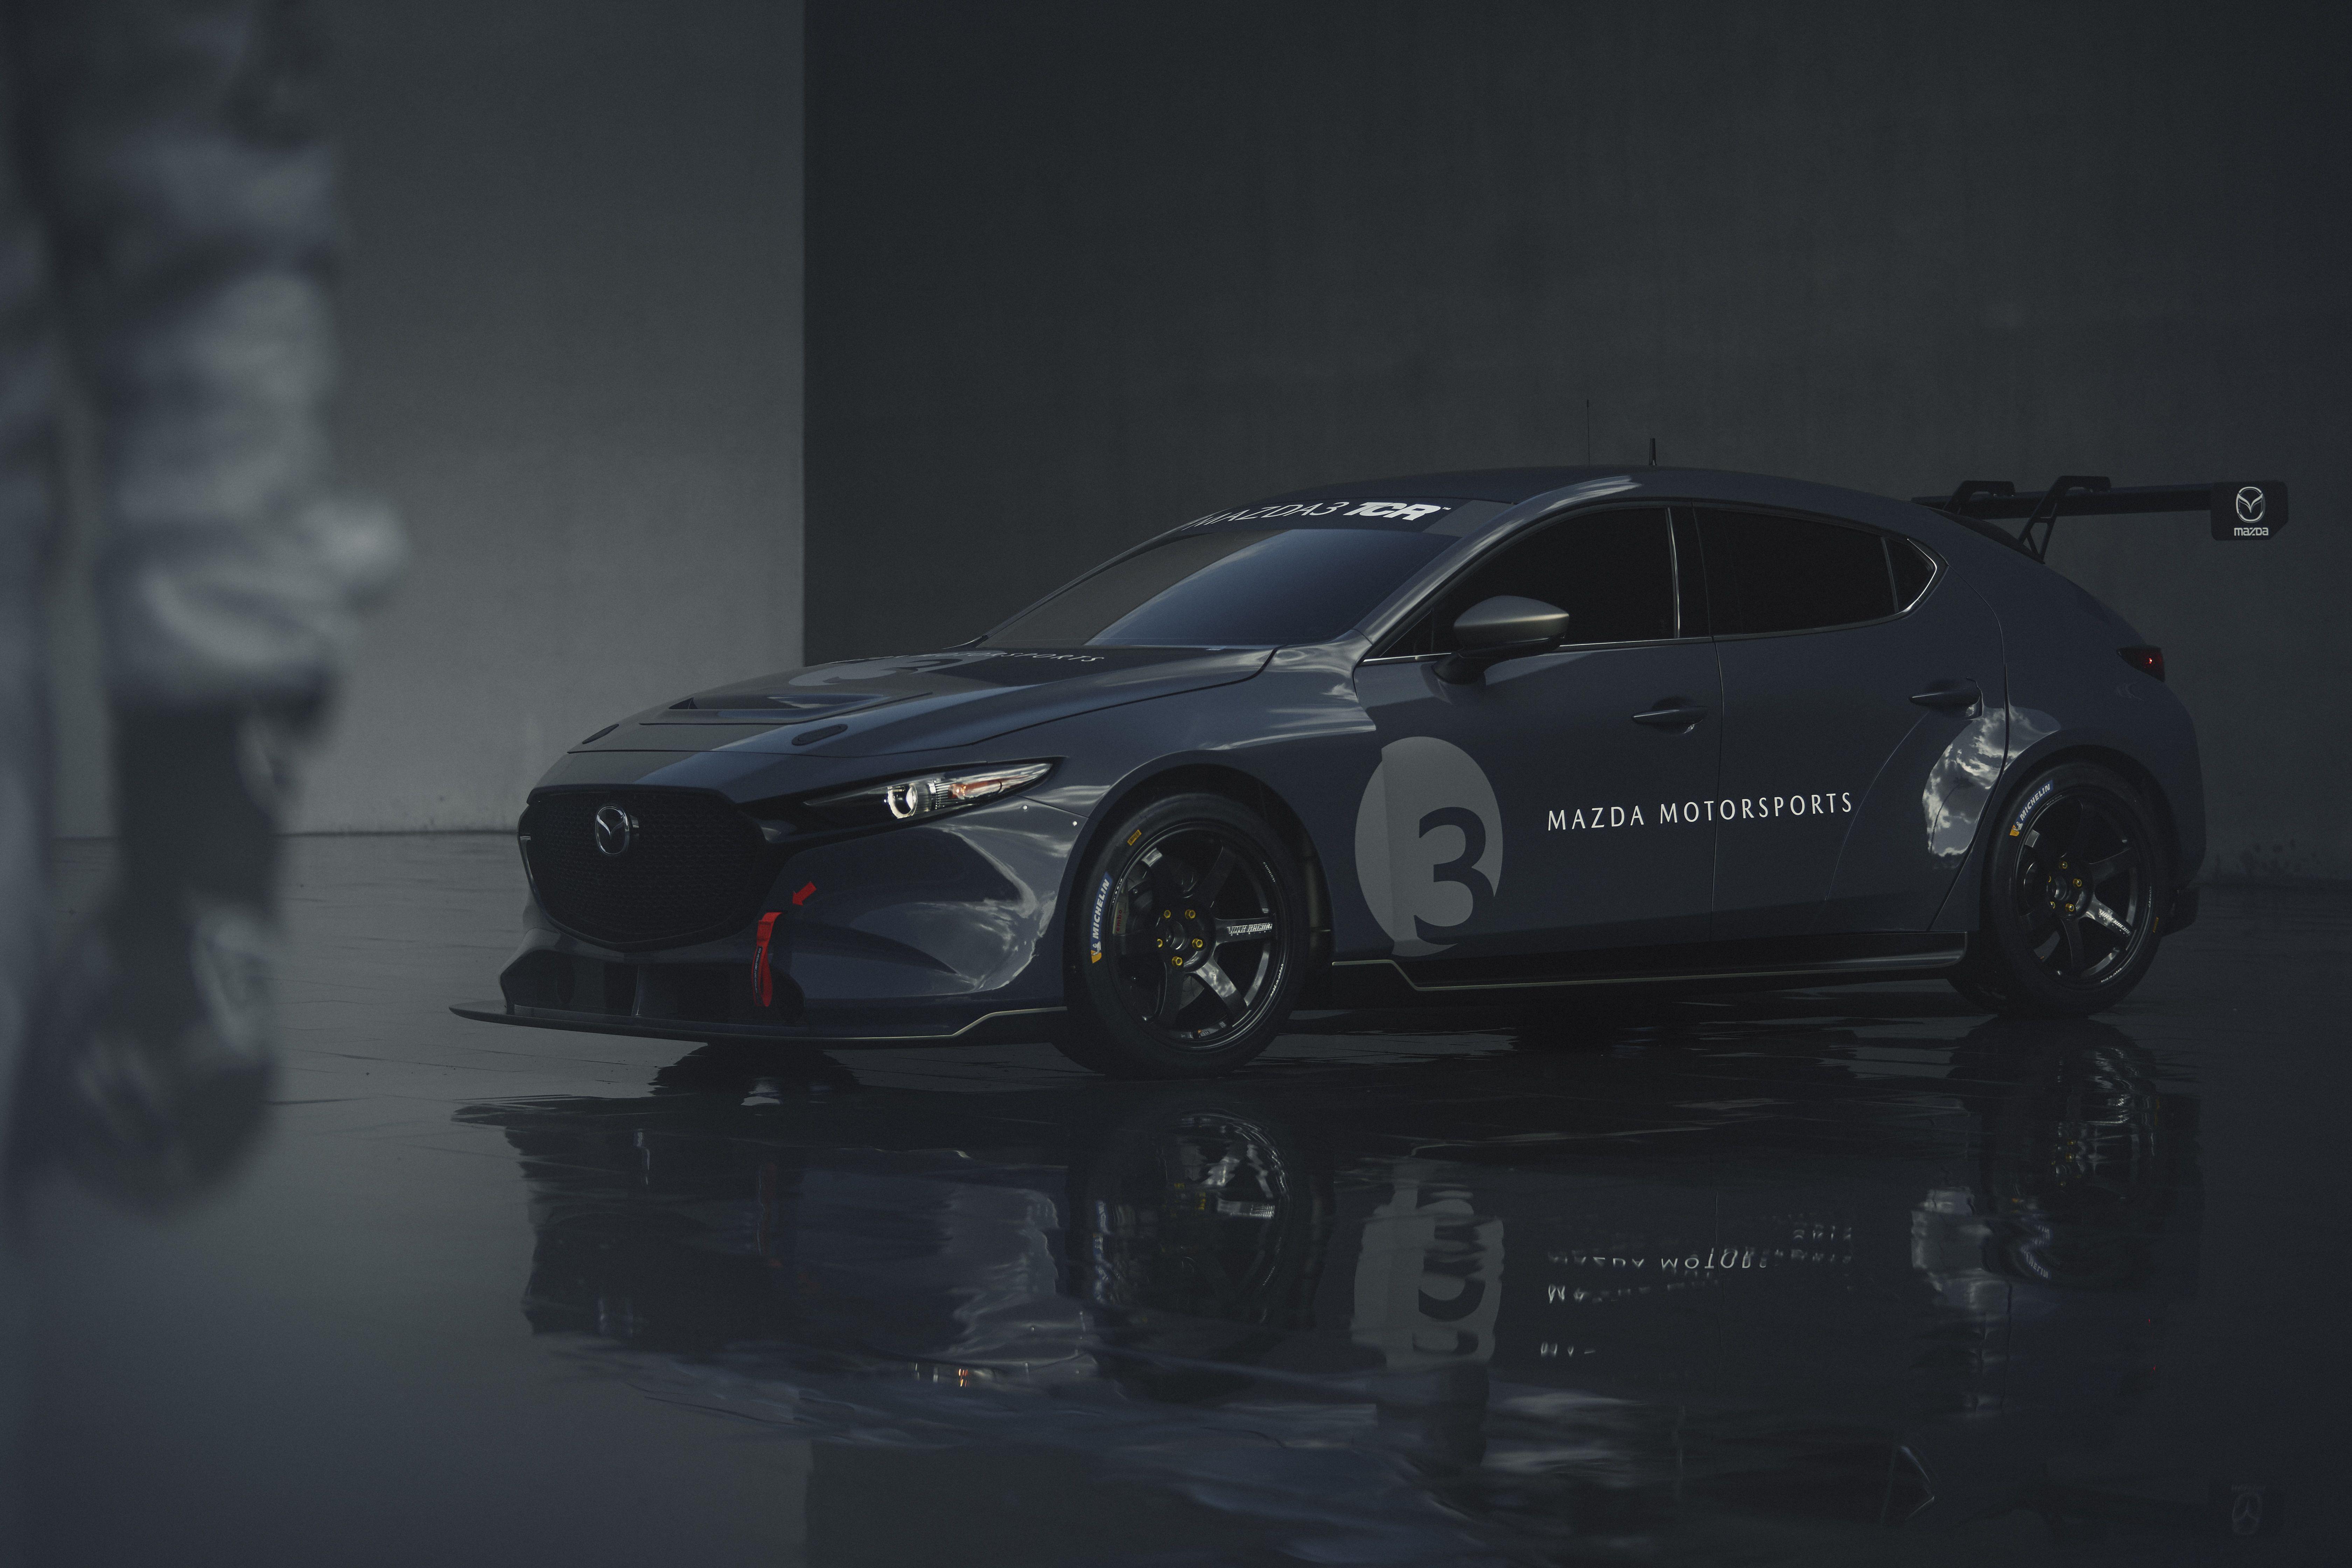 2020 Mazda3 Tcr Hot Hatch Mazda Mazda 3 Hot Hatch